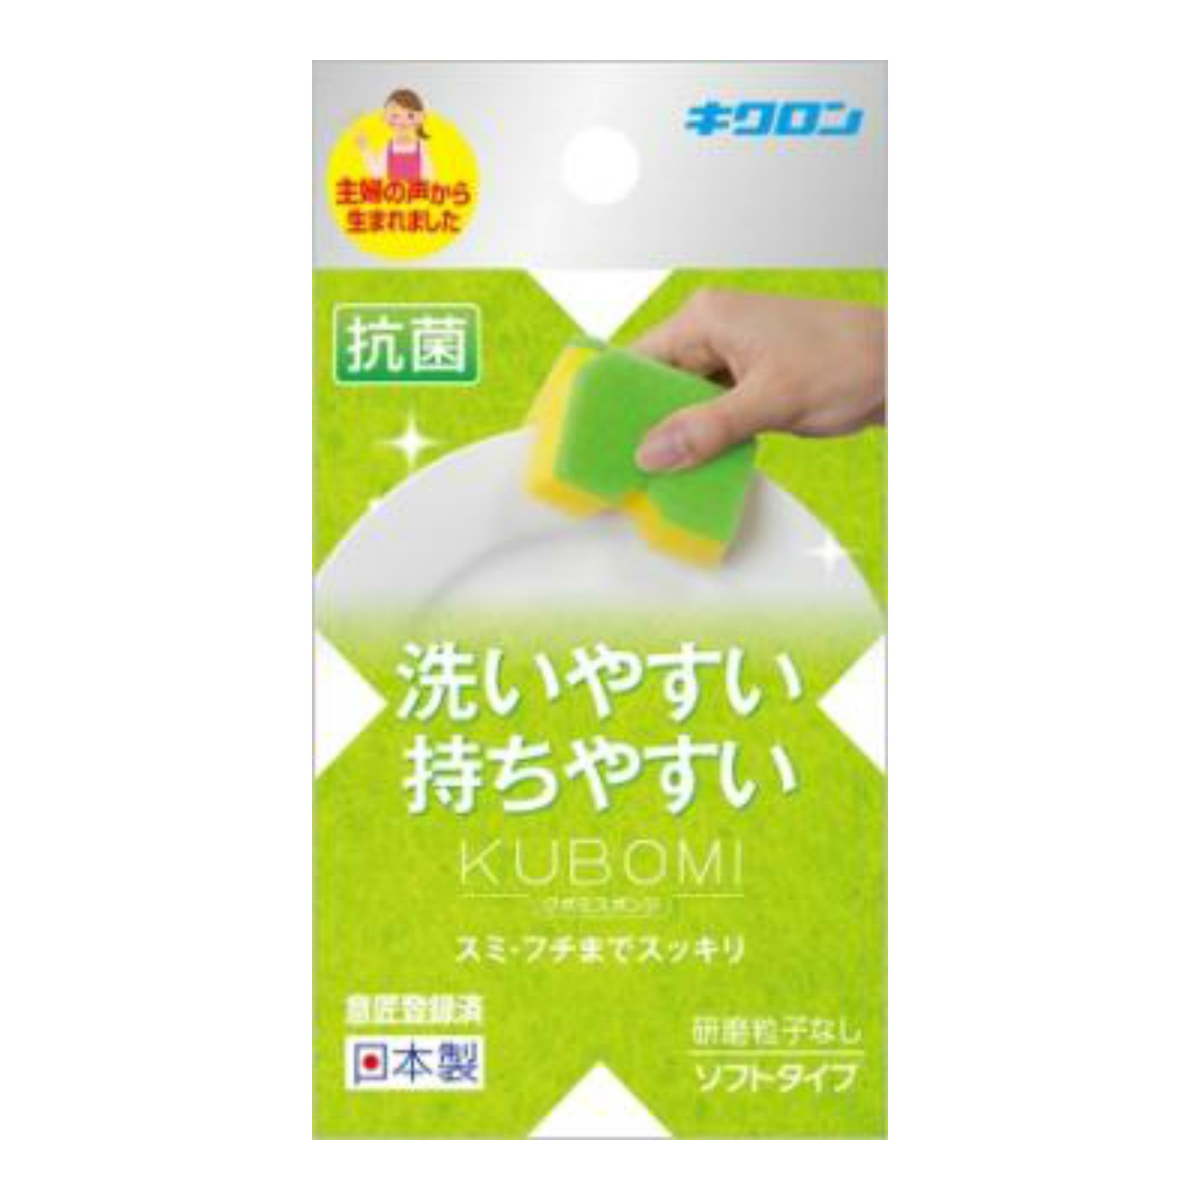 【120個で送料無料】キクロン クボミスポンジ グリーン ( キッチン用品 スポンジ ) ×120点セット ( 4548404102099 )